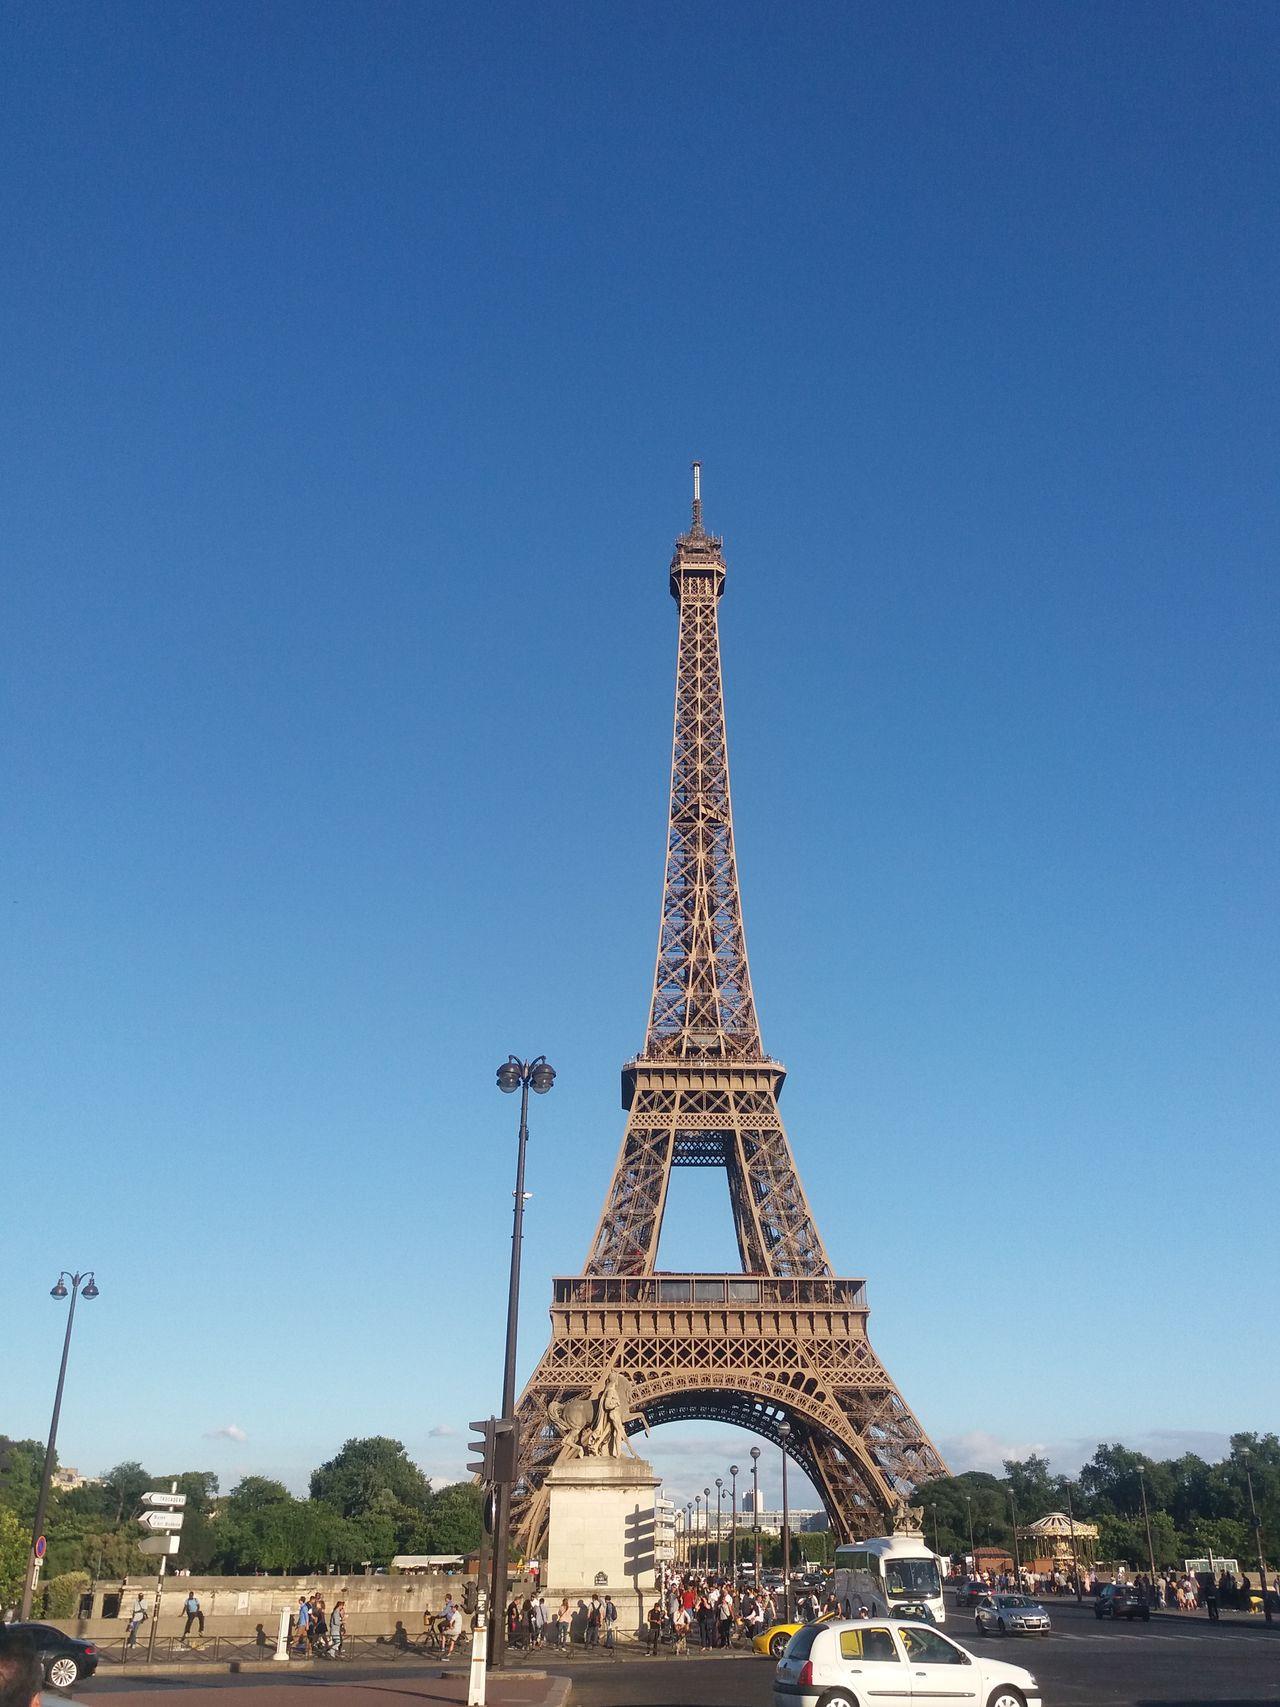 Eiffel tower Paris,France Architecture Blue Clear Sky Eiffel Eiffel Tower France No People Outdoors Paris Photo Photography Photooftheday Toureiffel Tourism Tower Travel Destinations